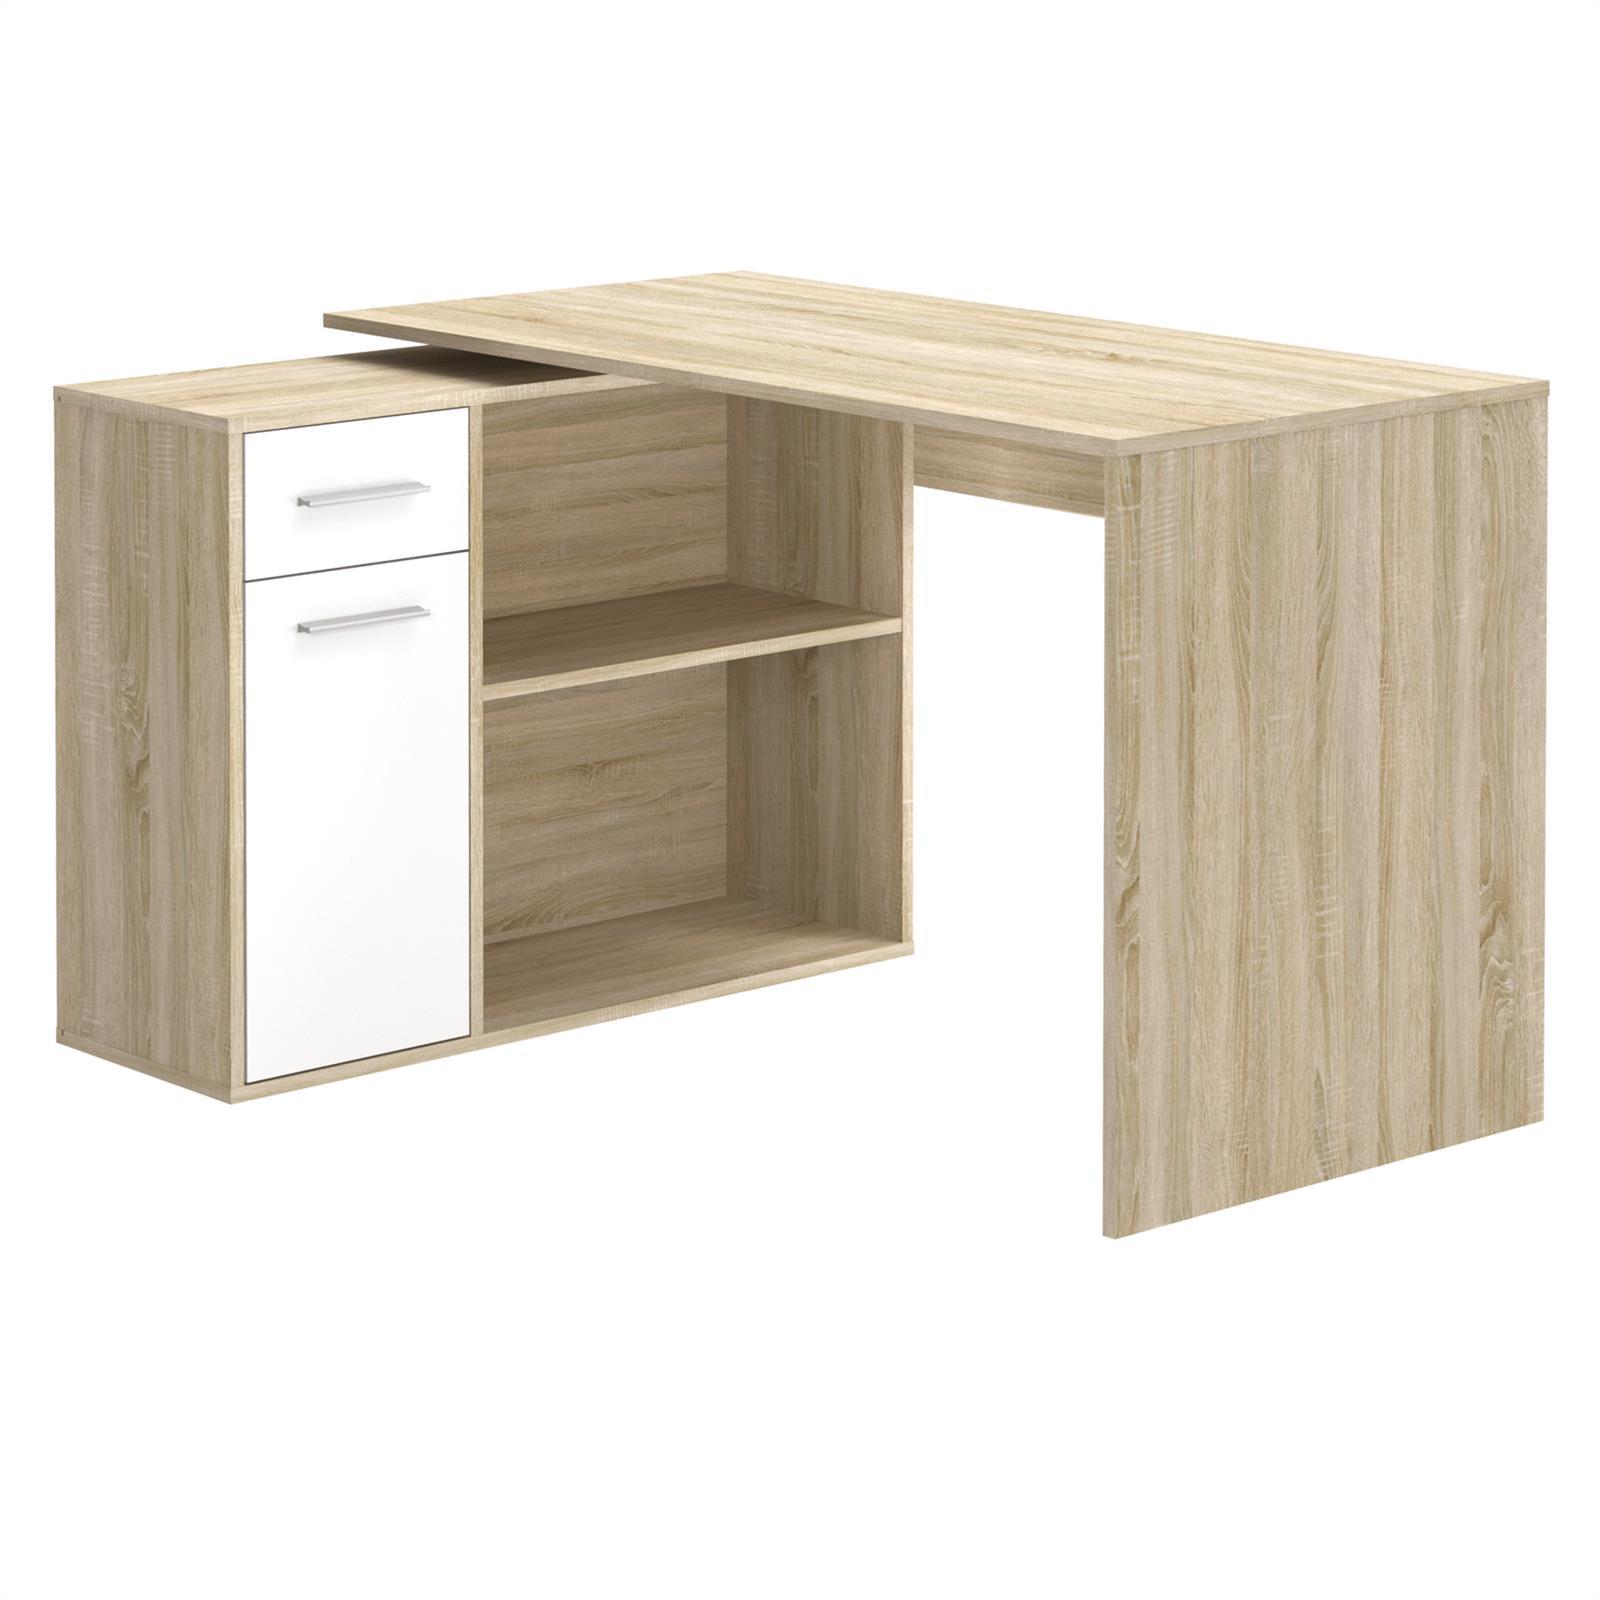 eckschreibtisch lena mit regal in sonoma eiche wei caro m bel. Black Bedroom Furniture Sets. Home Design Ideas